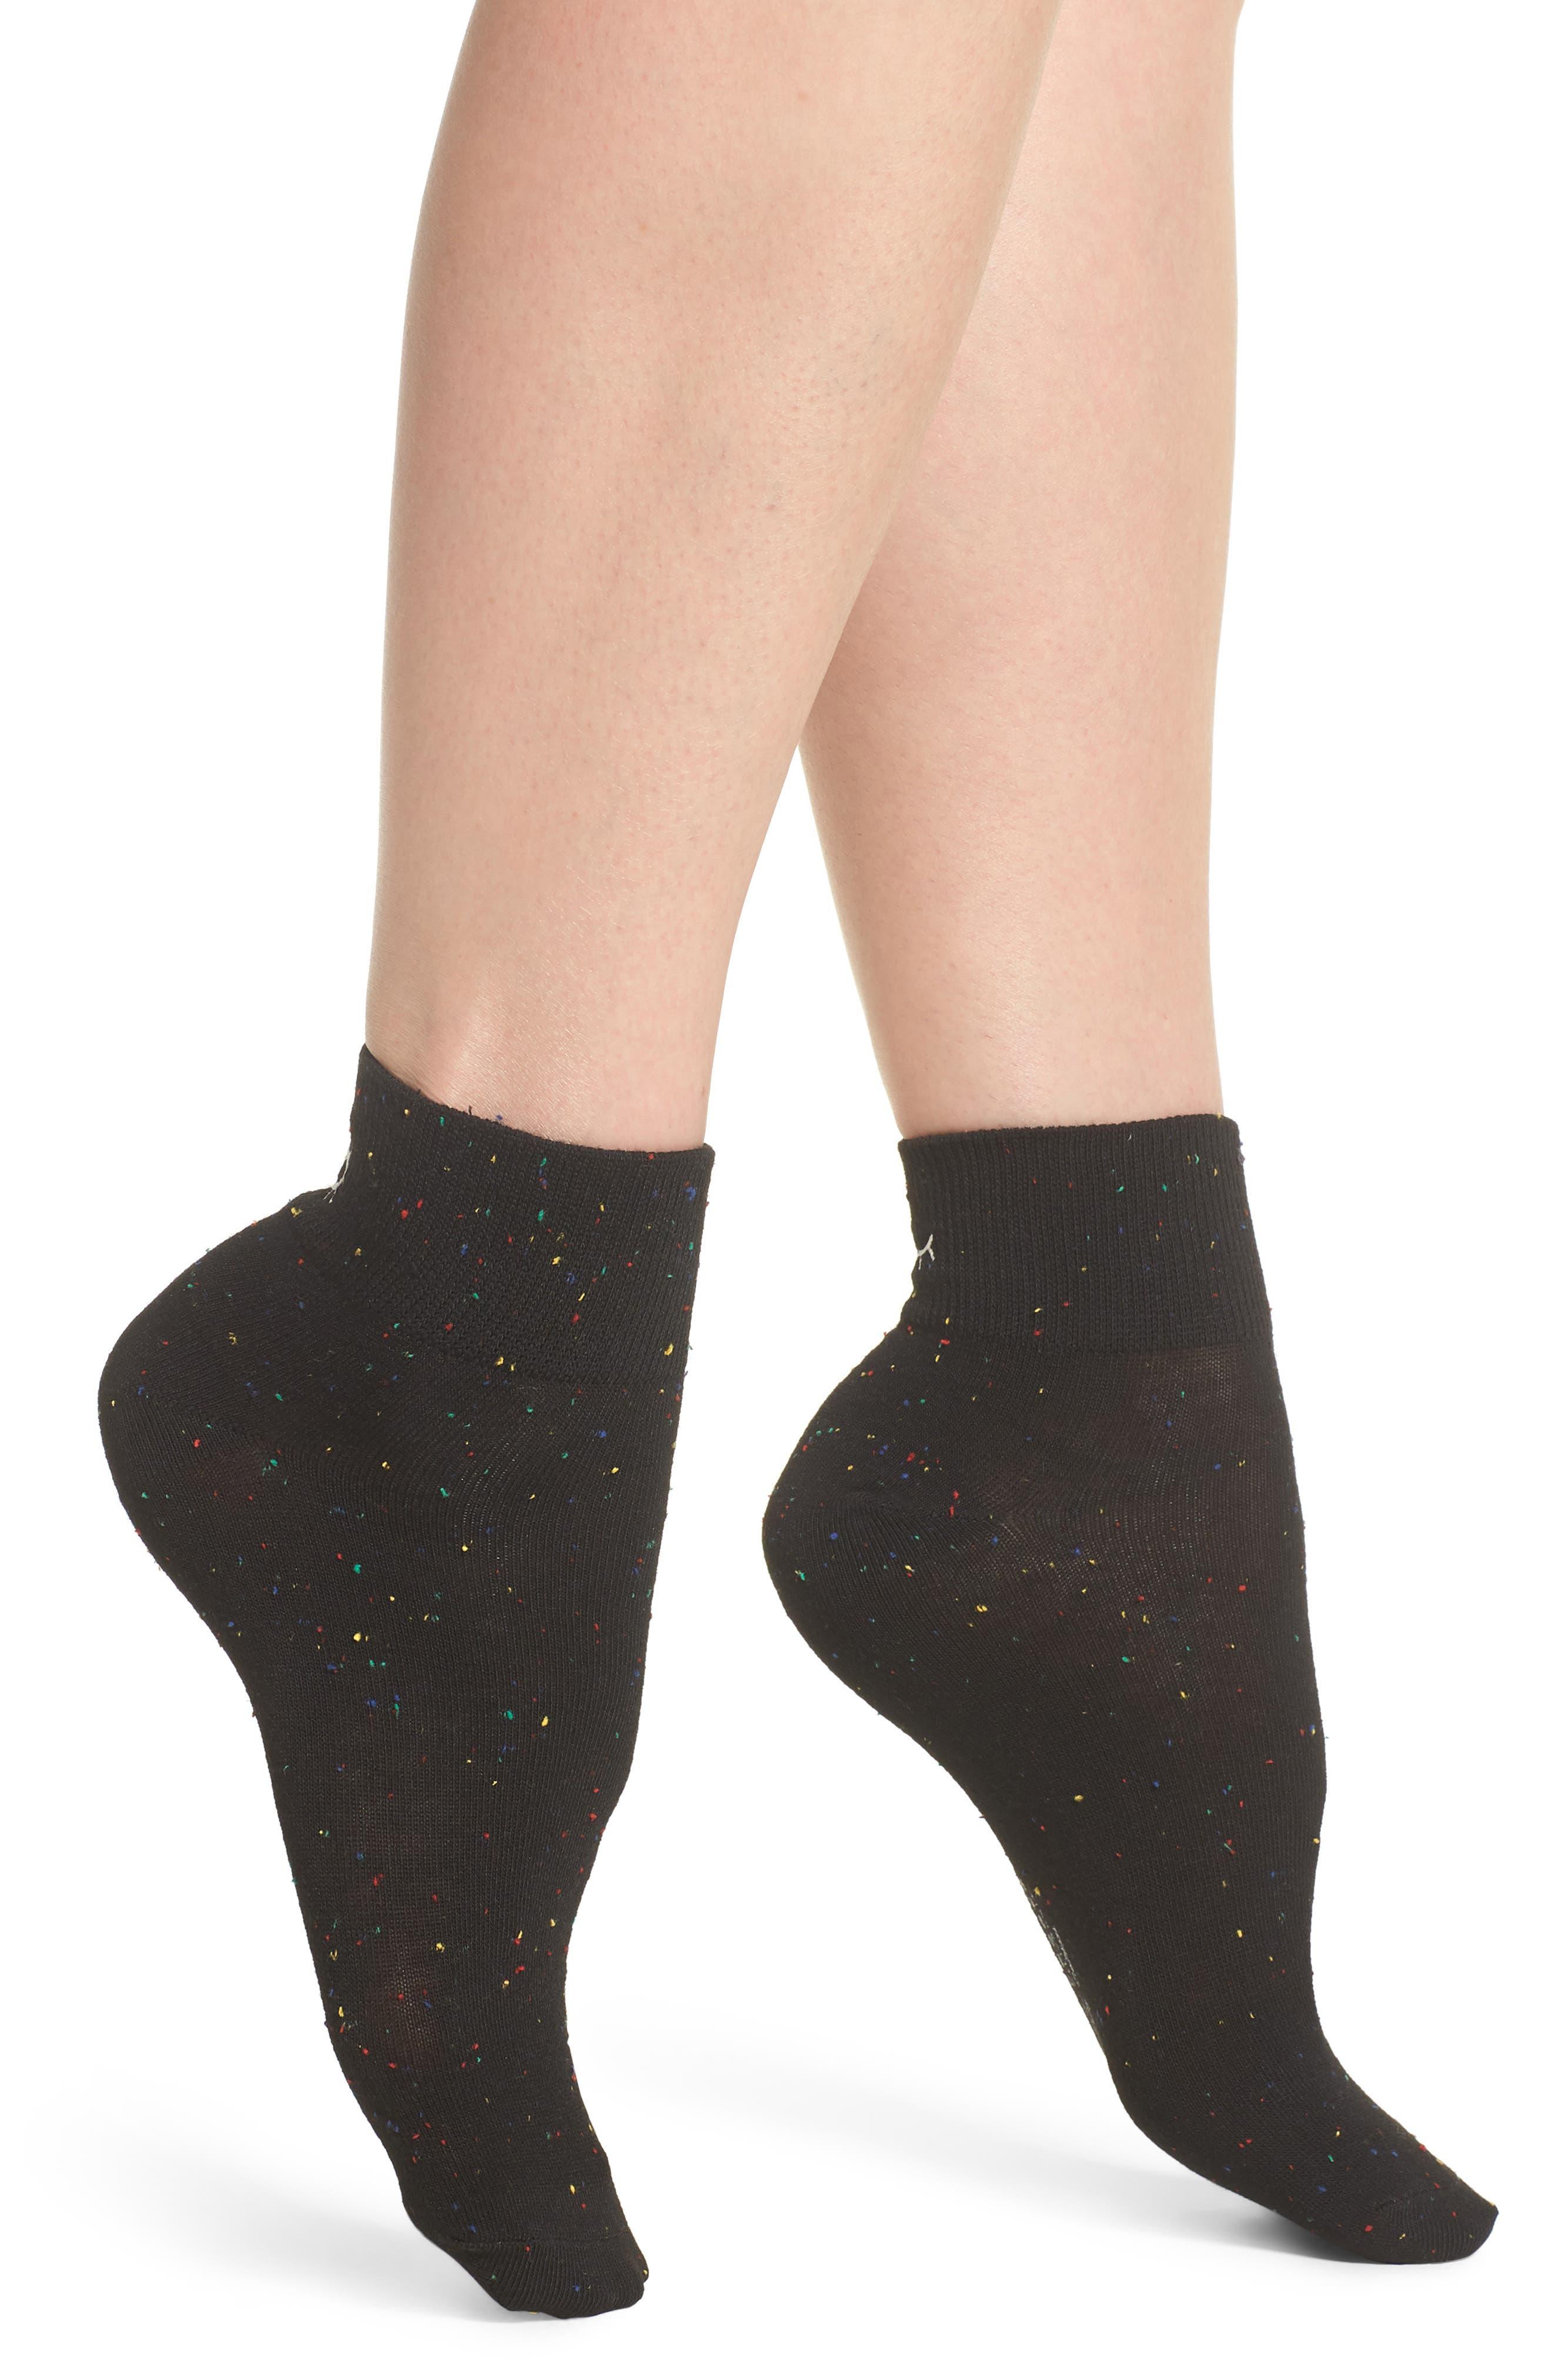 Blink Ankle Socks,                             Main thumbnail 1, color,